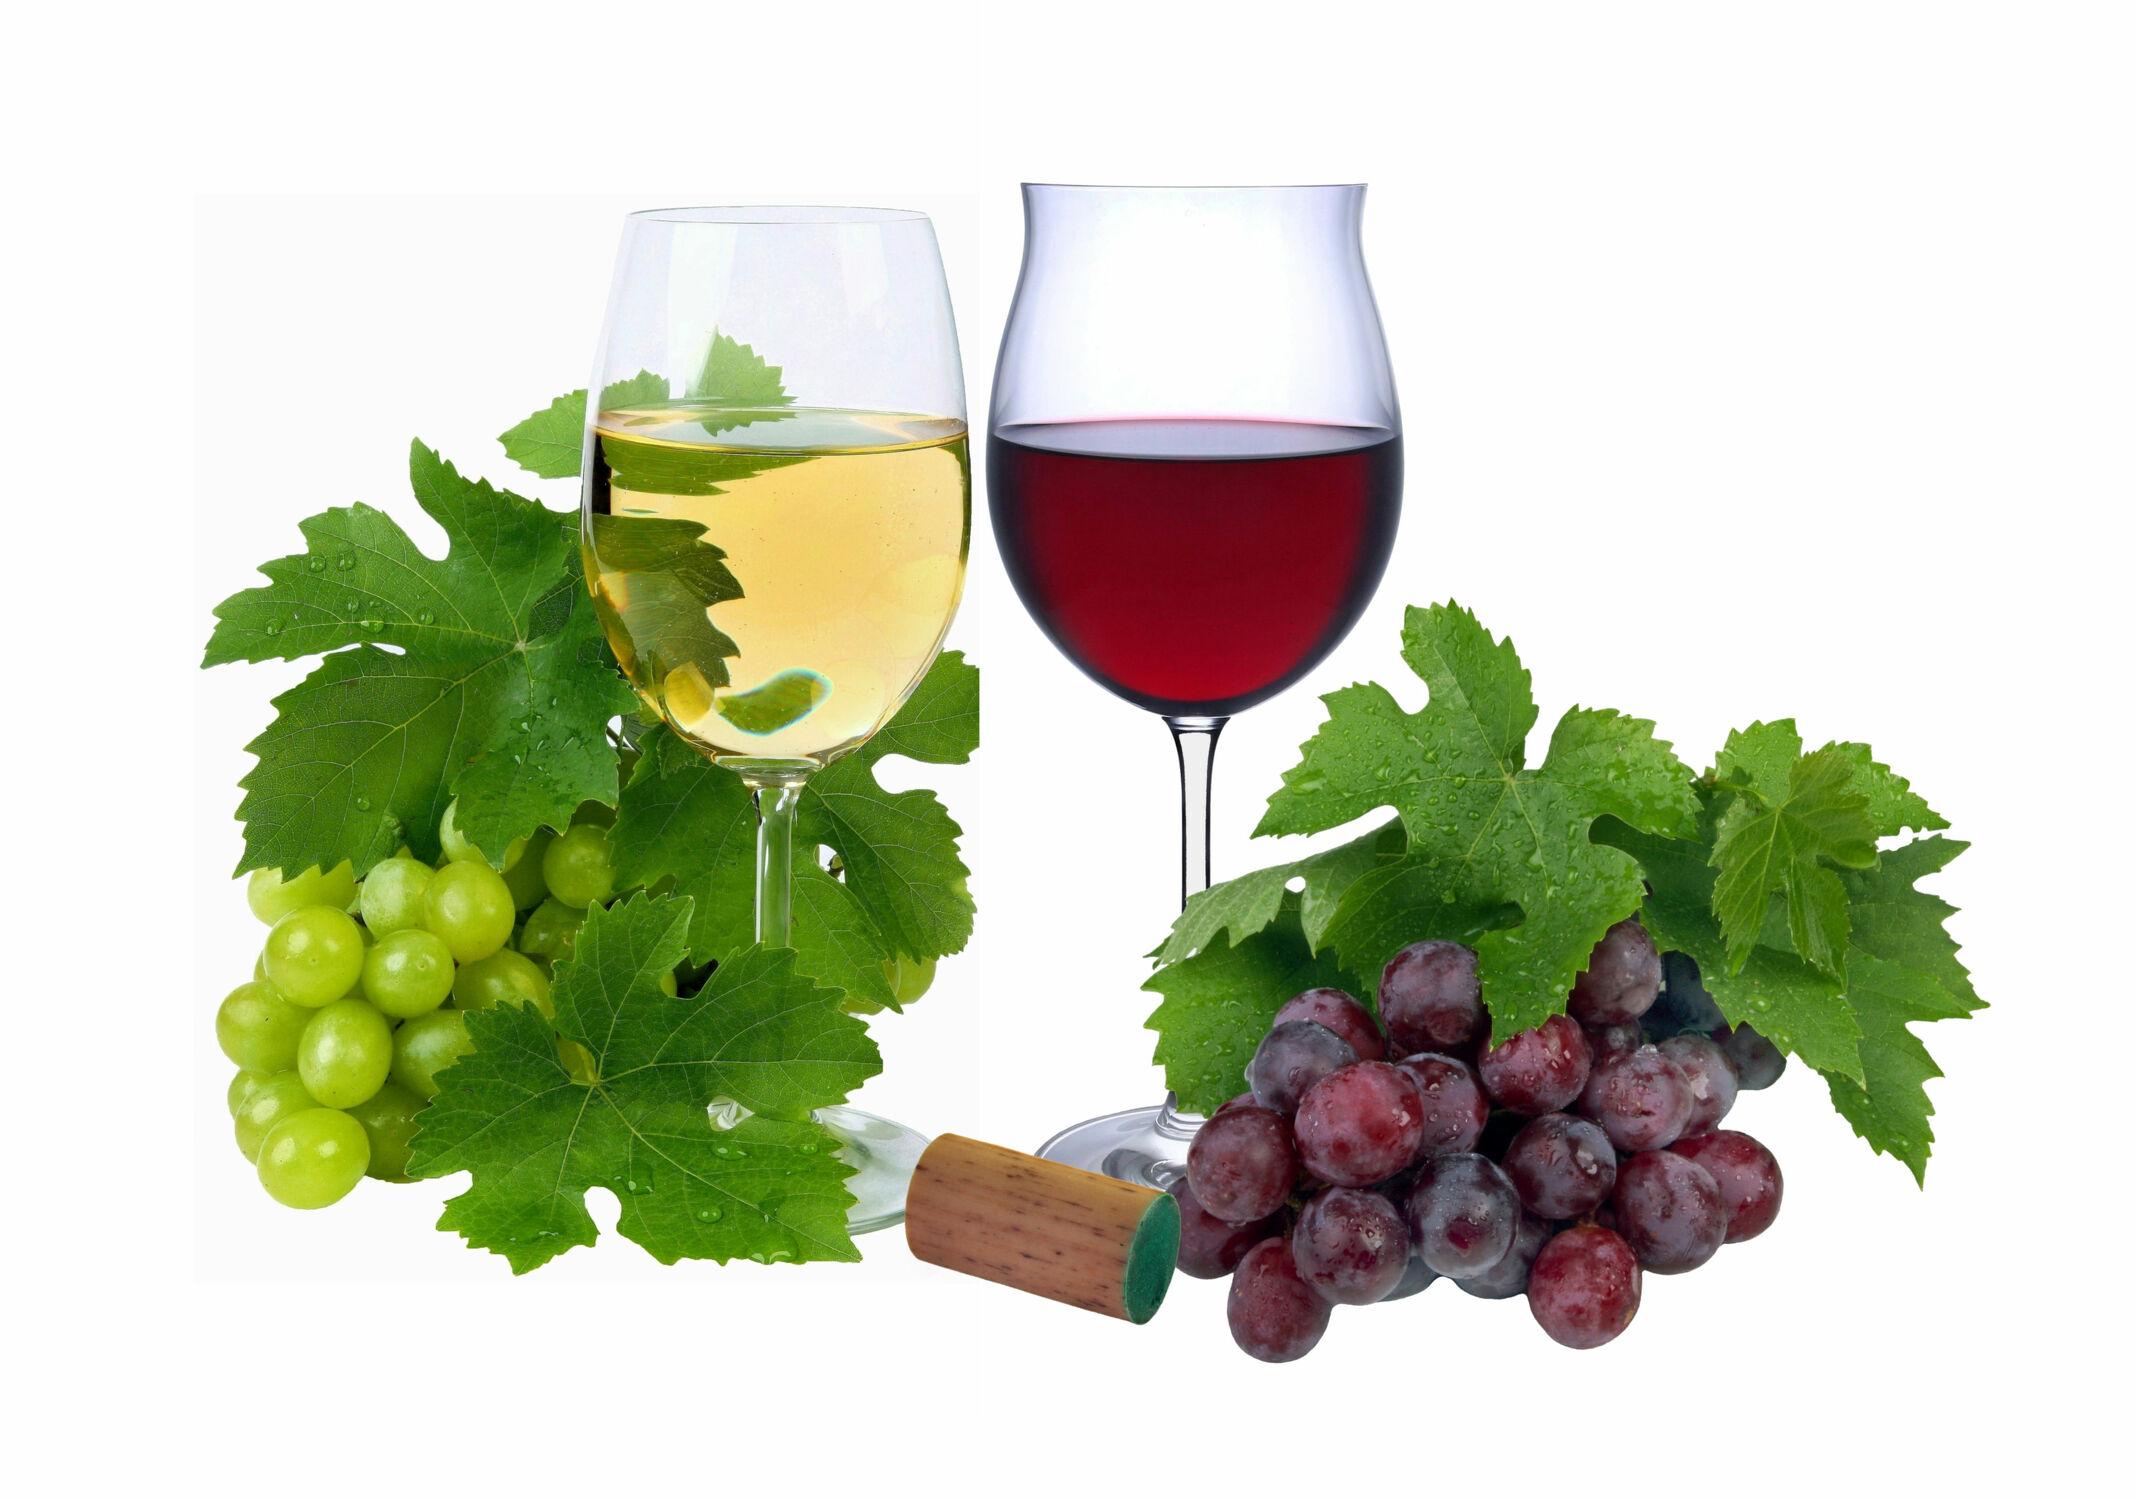 Bild mit Früchte, Obst, Weintrauben, Food, Wein, Getränk, rotwein, rotweinglas, weinglas, weinglas, Weisswein, weinblätter